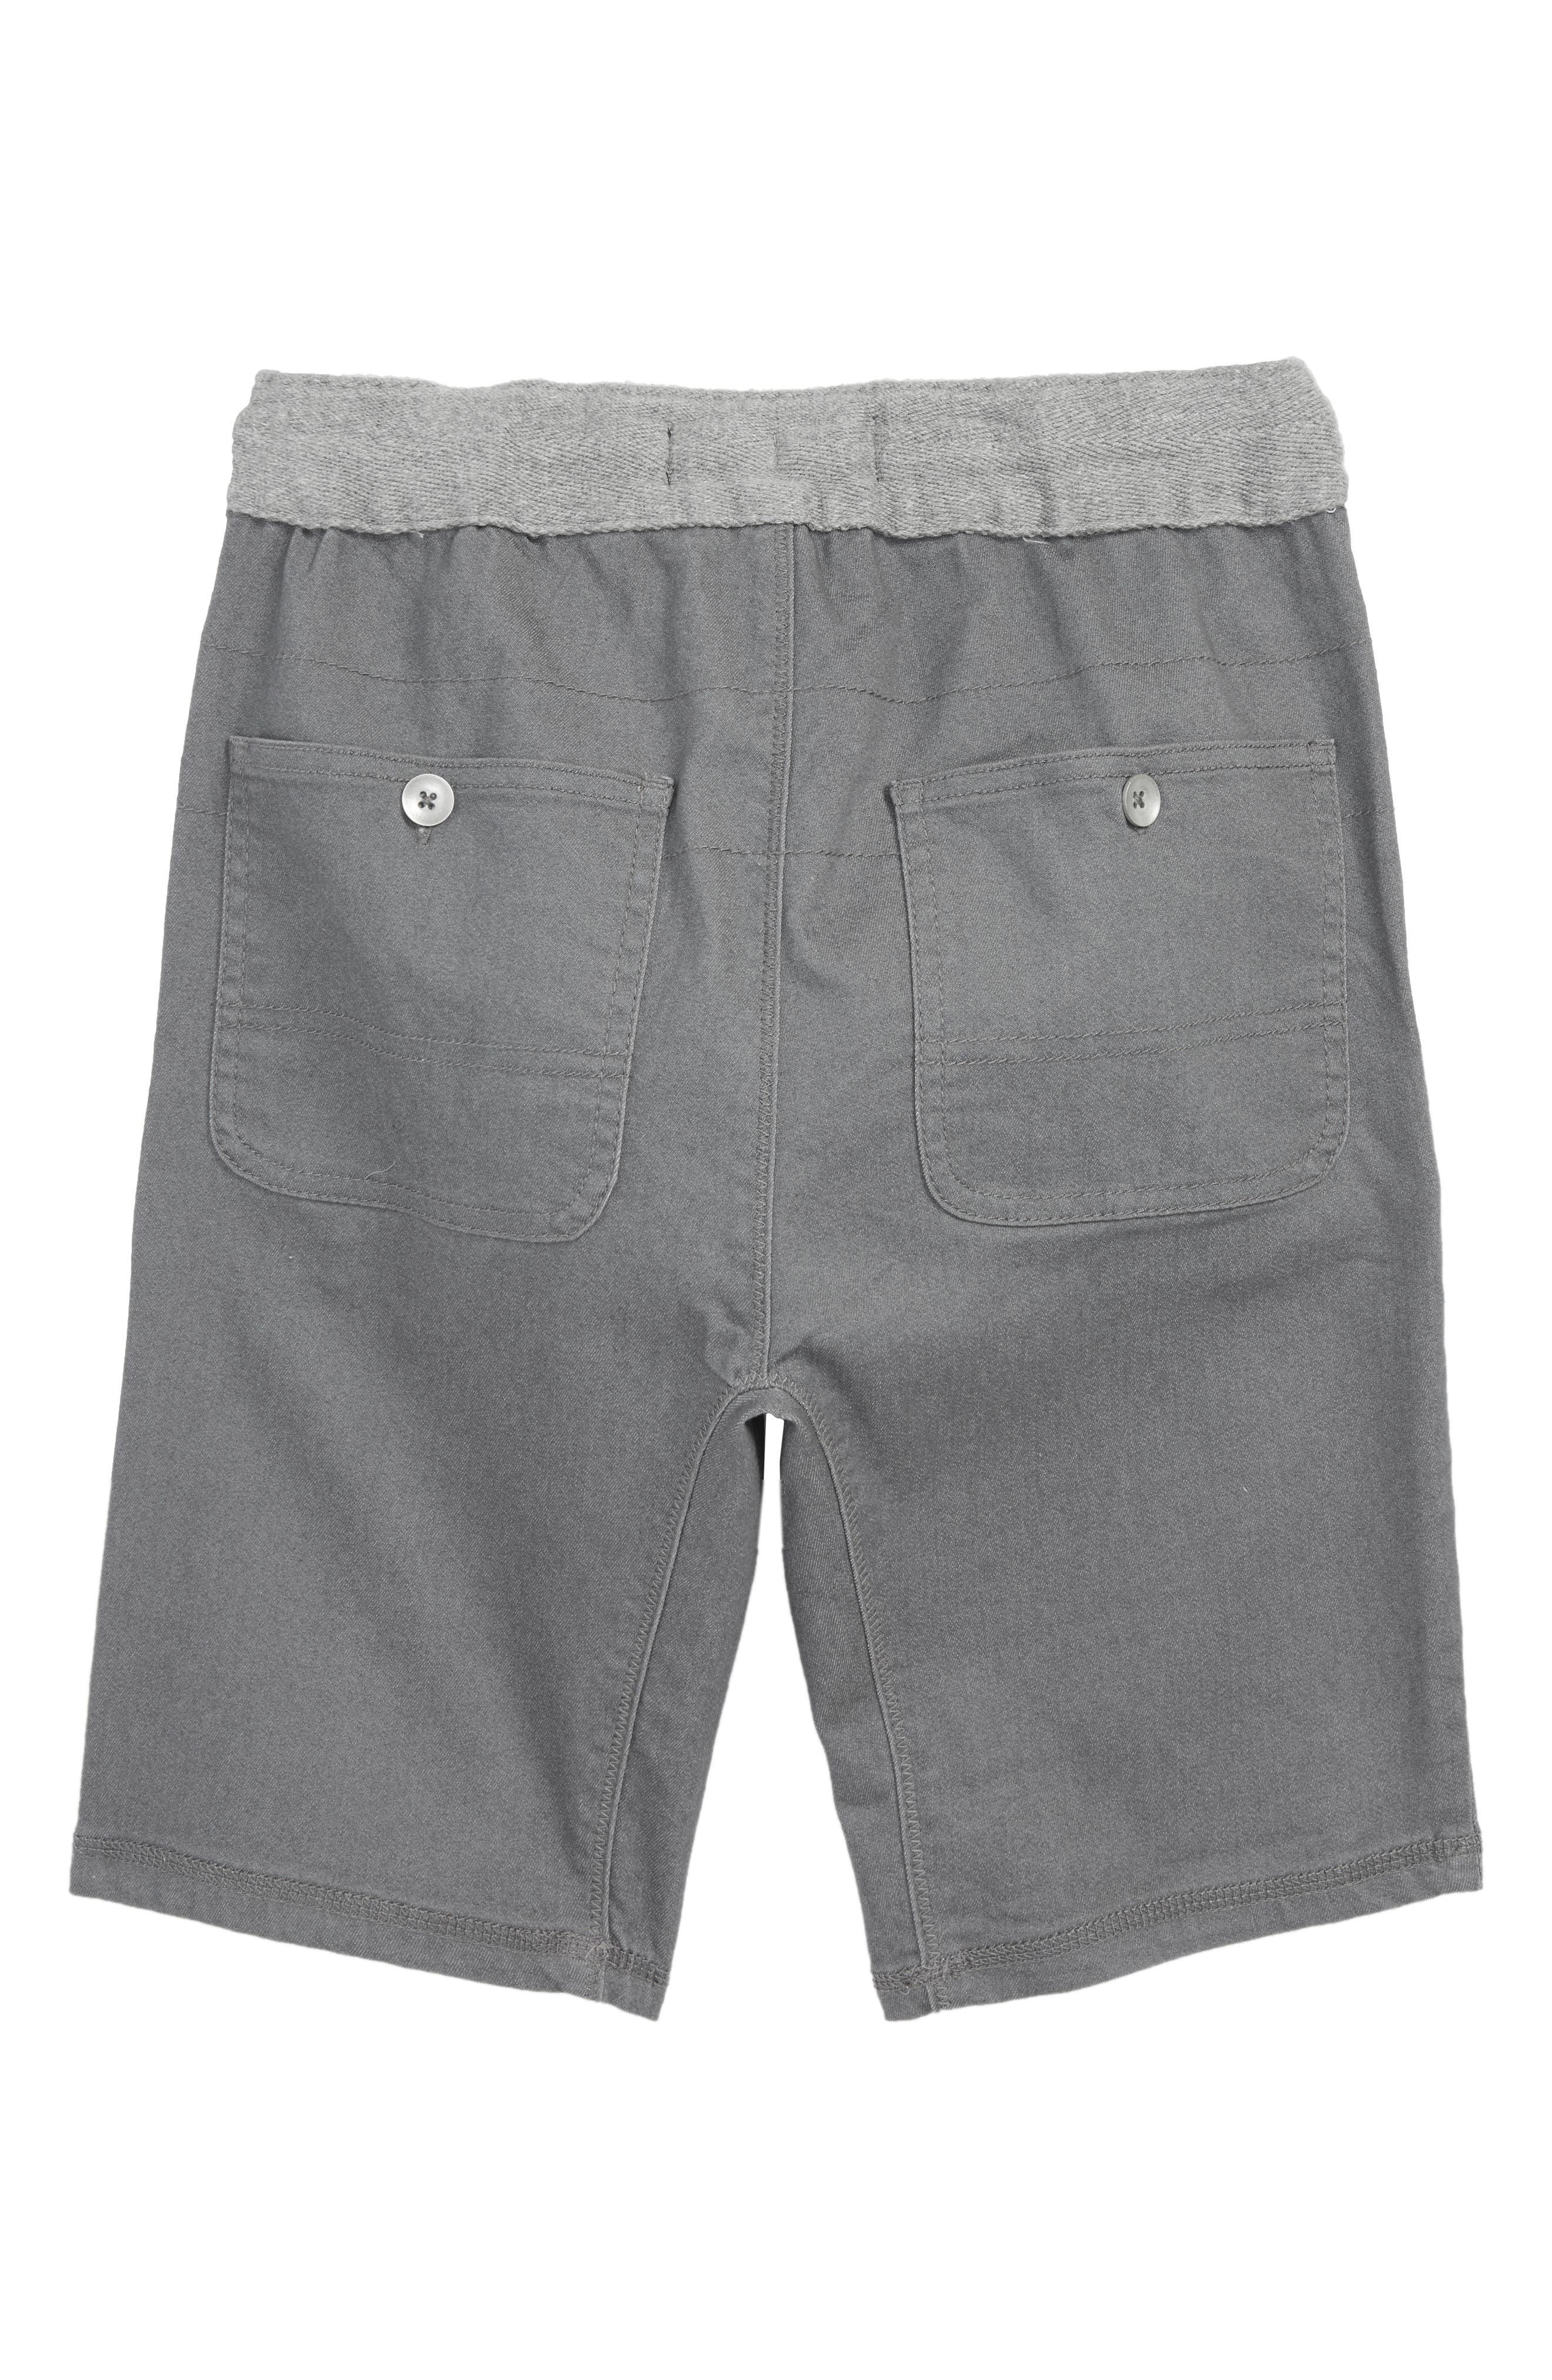 TREASURE & BOND,                             Twill Shorts,                             Alternate thumbnail 2, color,                             021